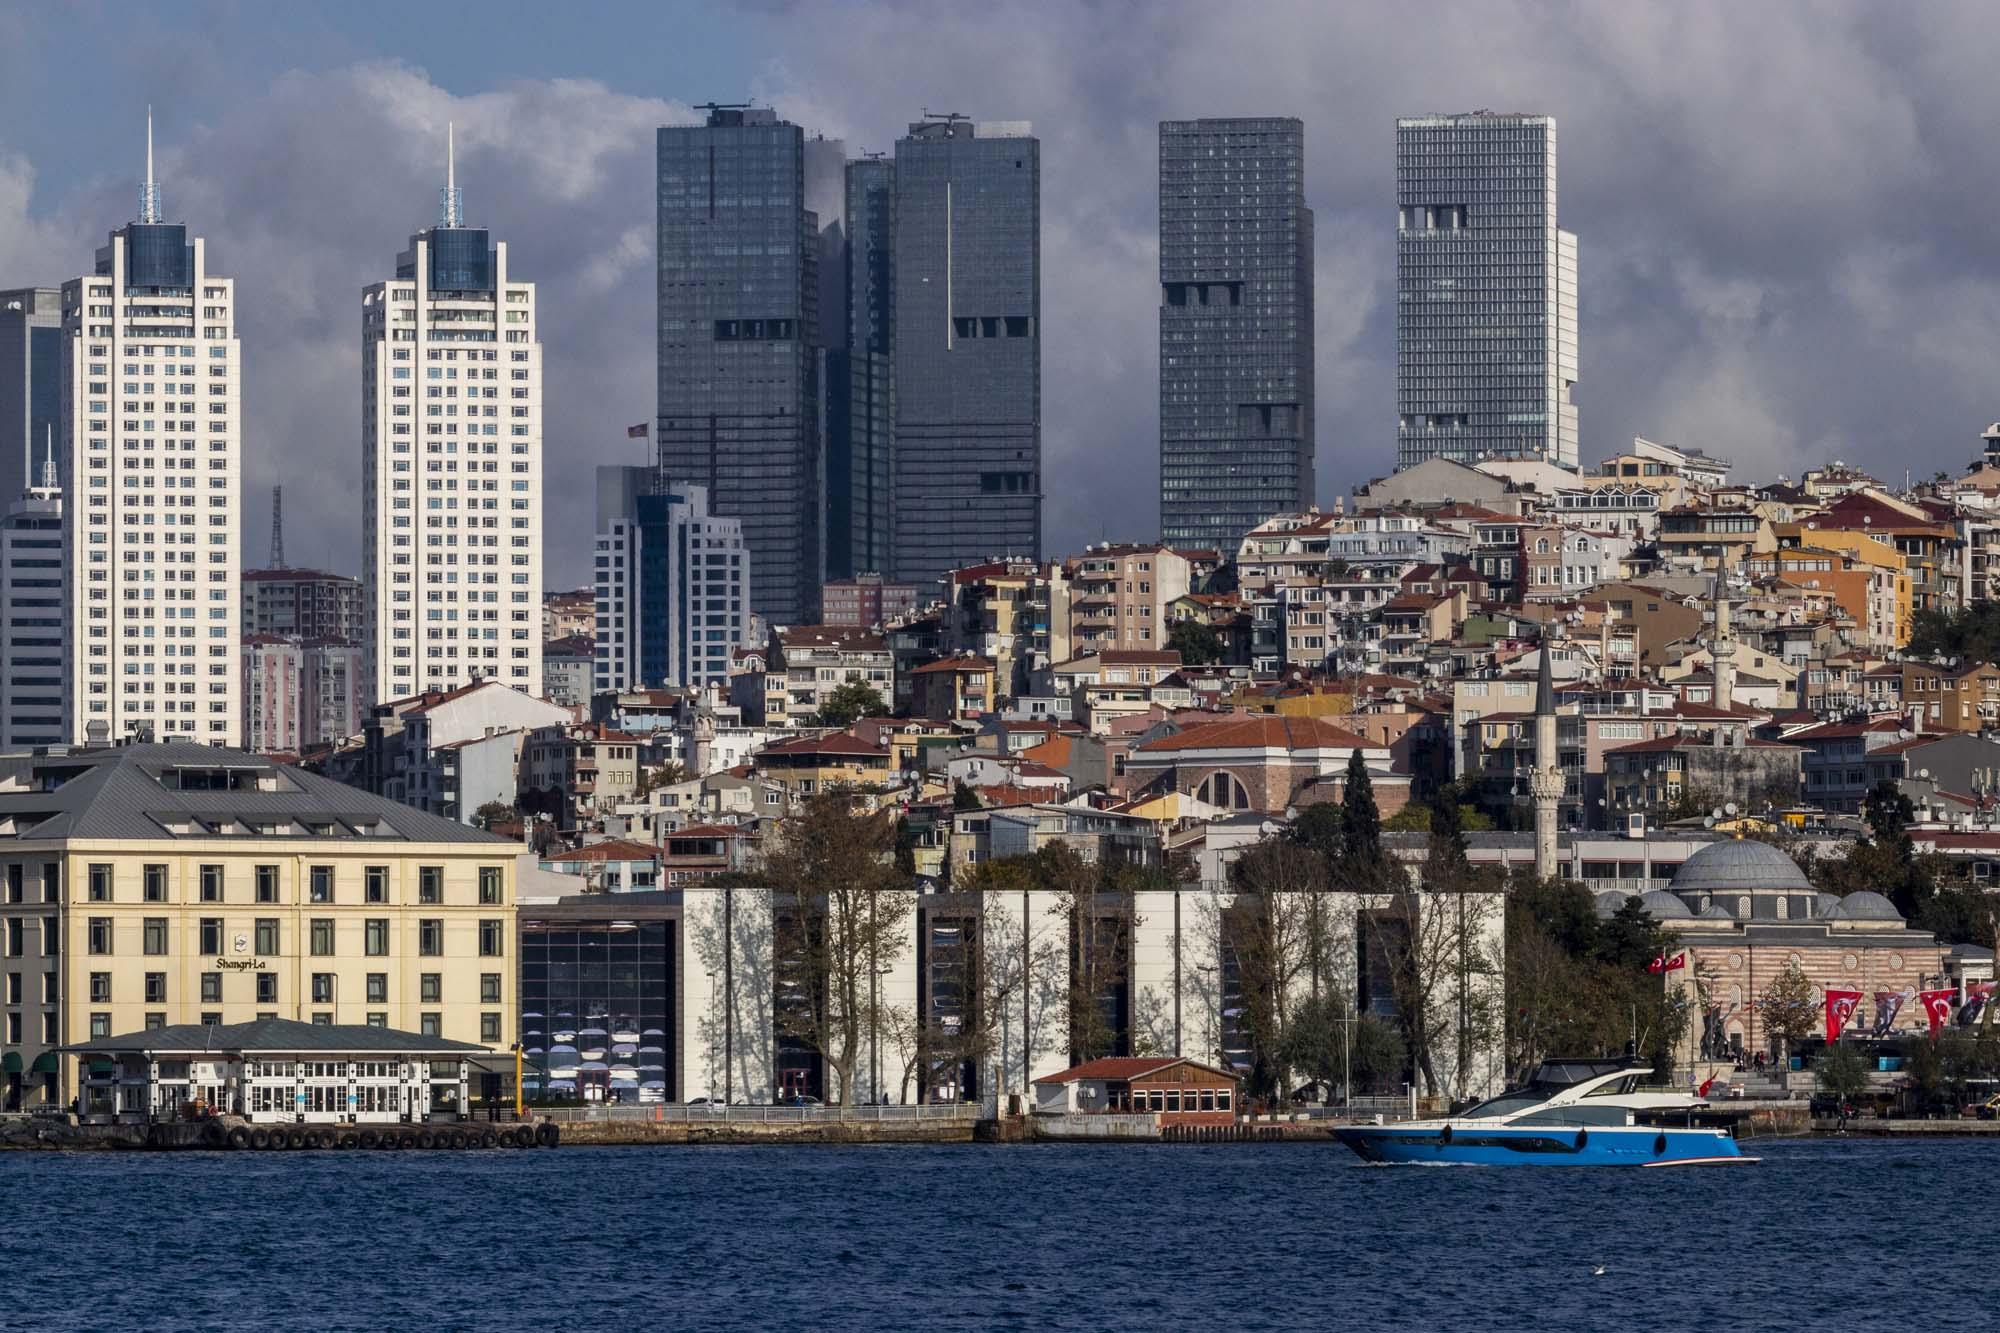 Skyline d'Istanbul dans la ville d'İstanbul en Turquie